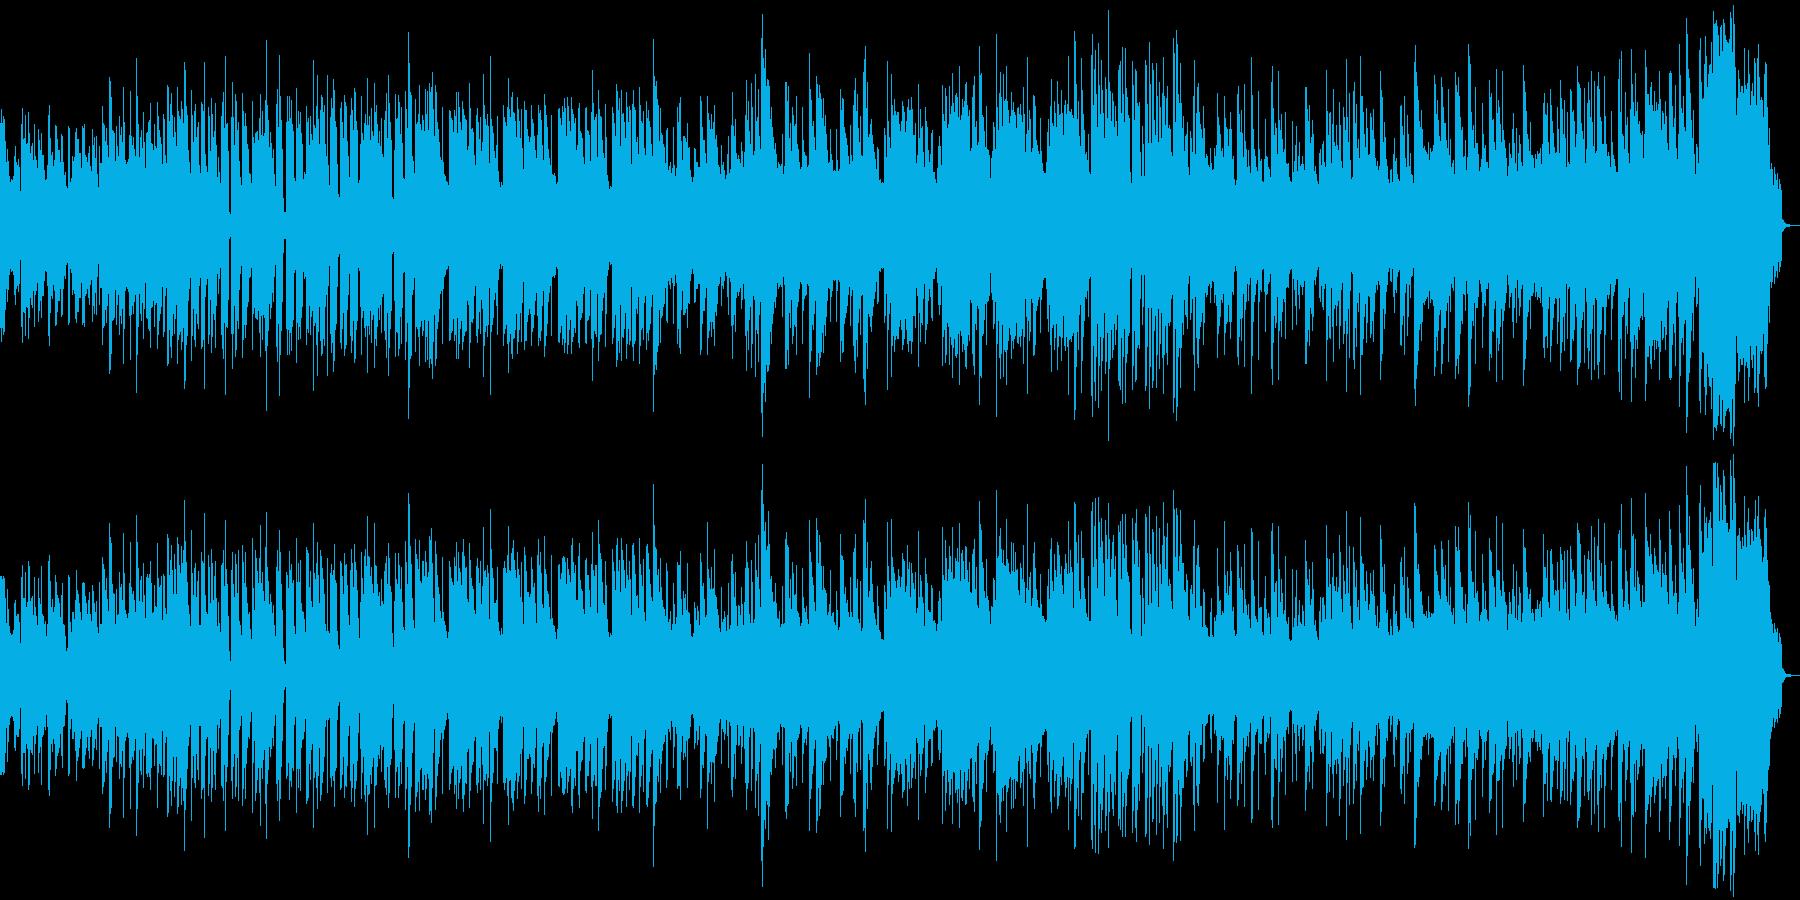 8bit ポップな宇宙 1コーラス版の再生済みの波形